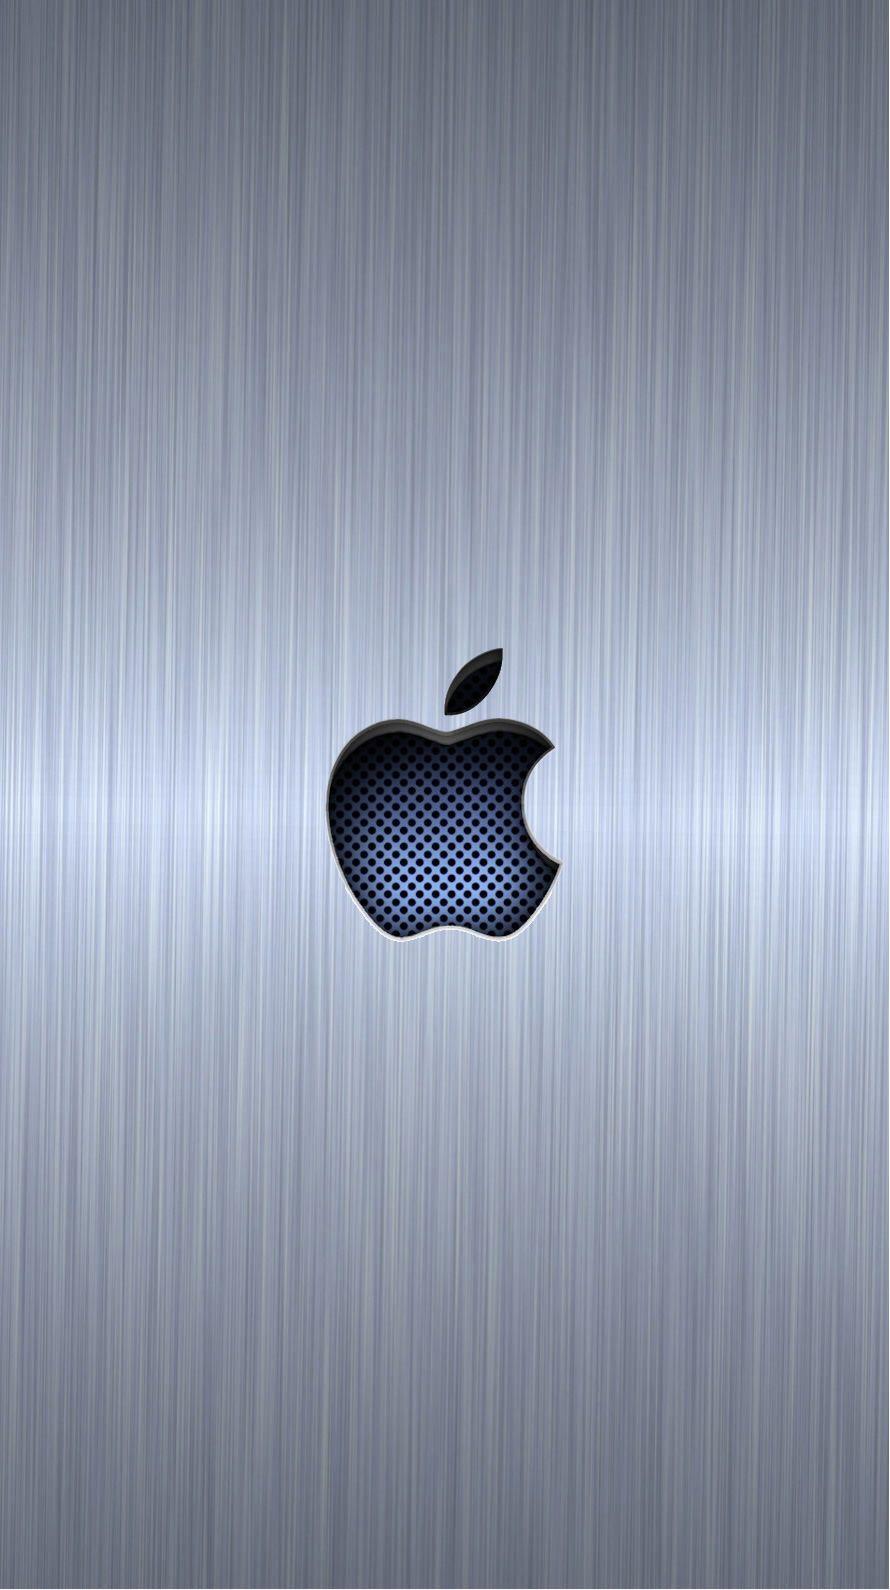 iPhone 6 Parallax Wallpaper. Apple Apple wallpaper